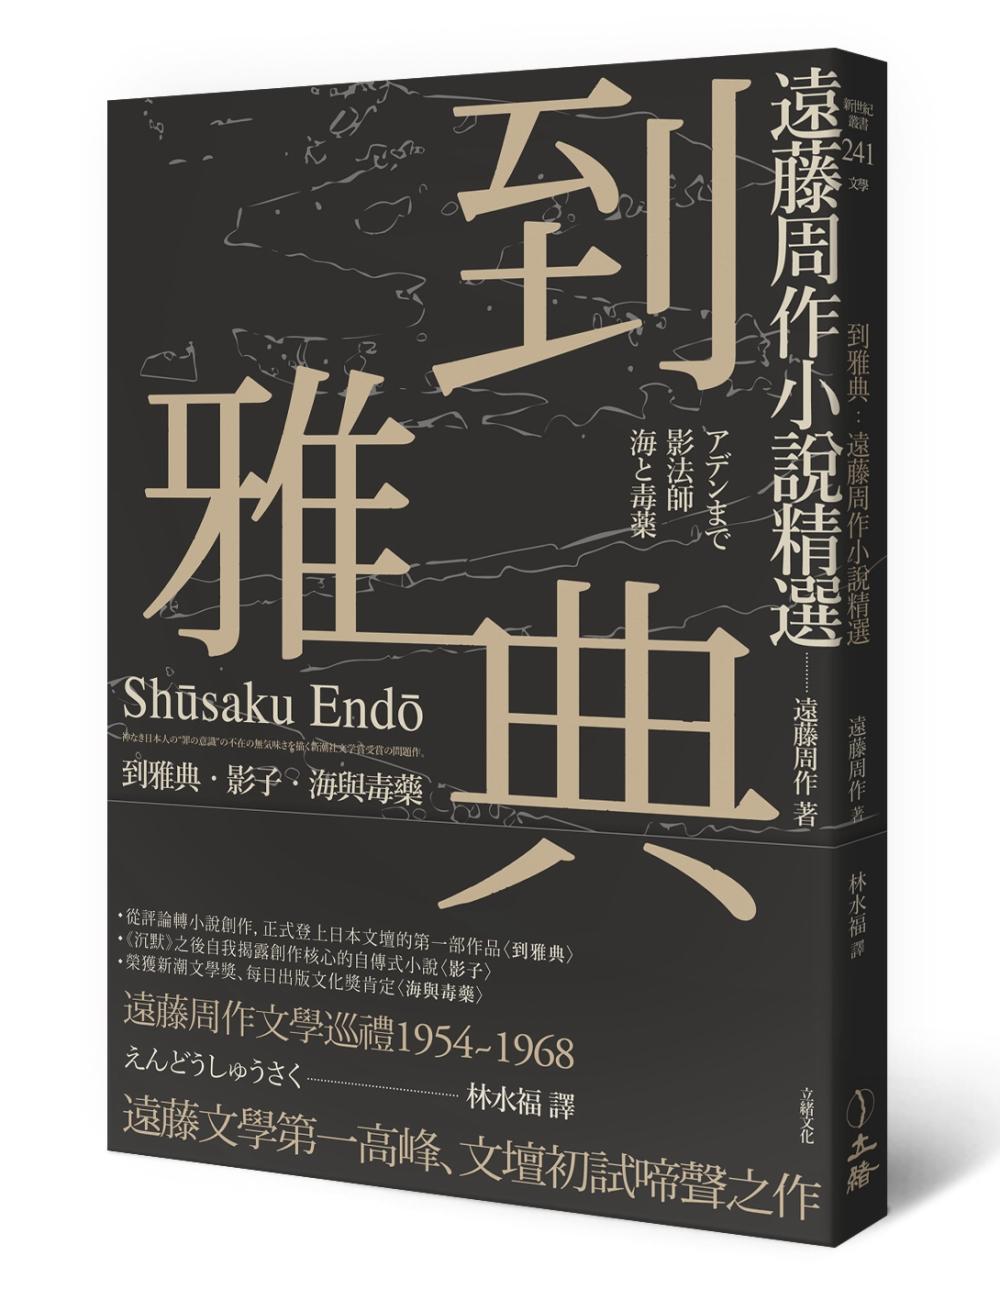 到雅典:遠藤周作小說精選